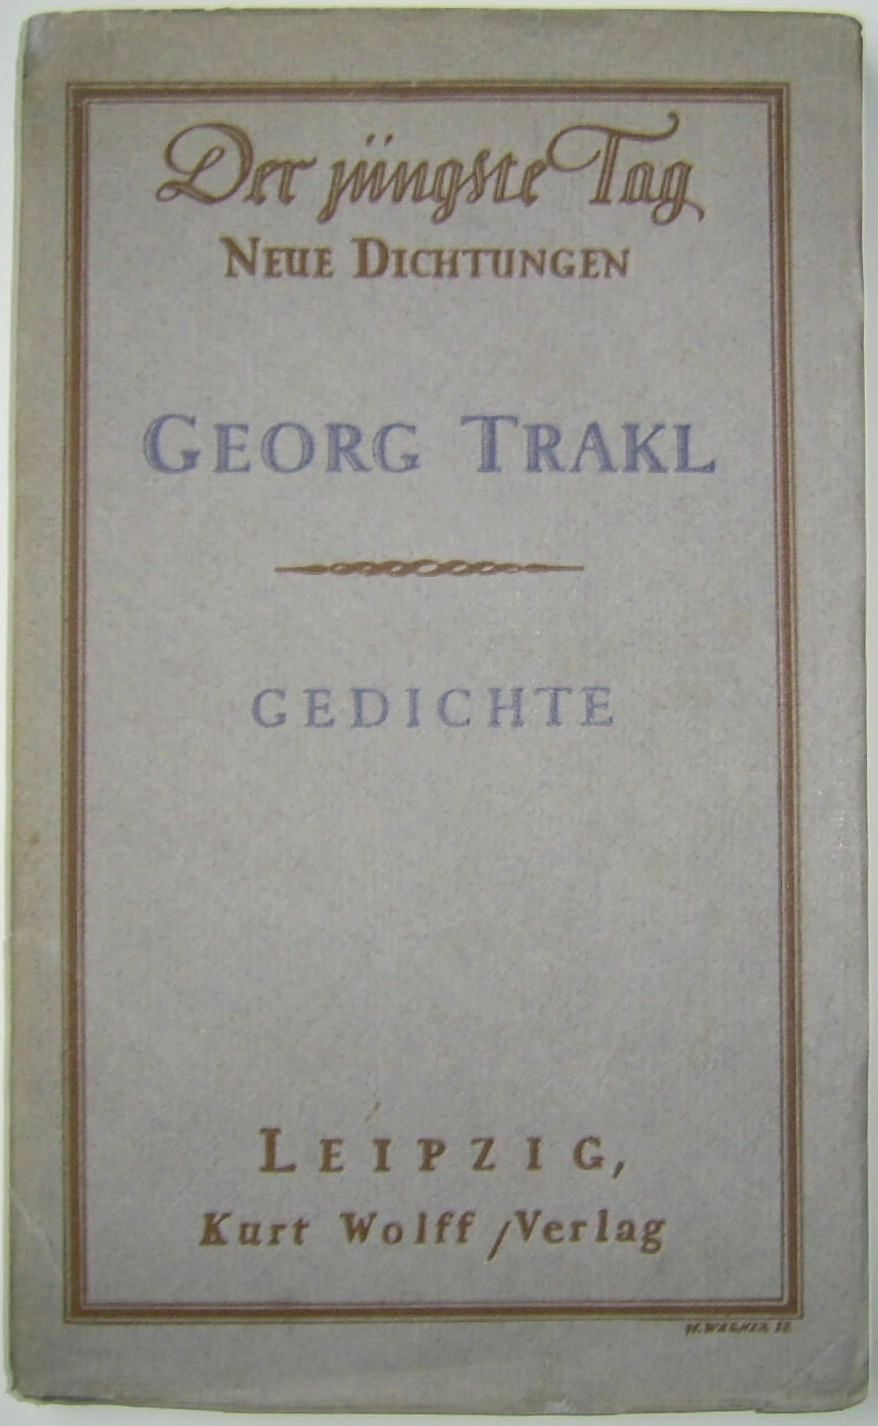 Dateigeorg Trakl Gedichte Erstausgabe 1913 Im Kurt Wolff